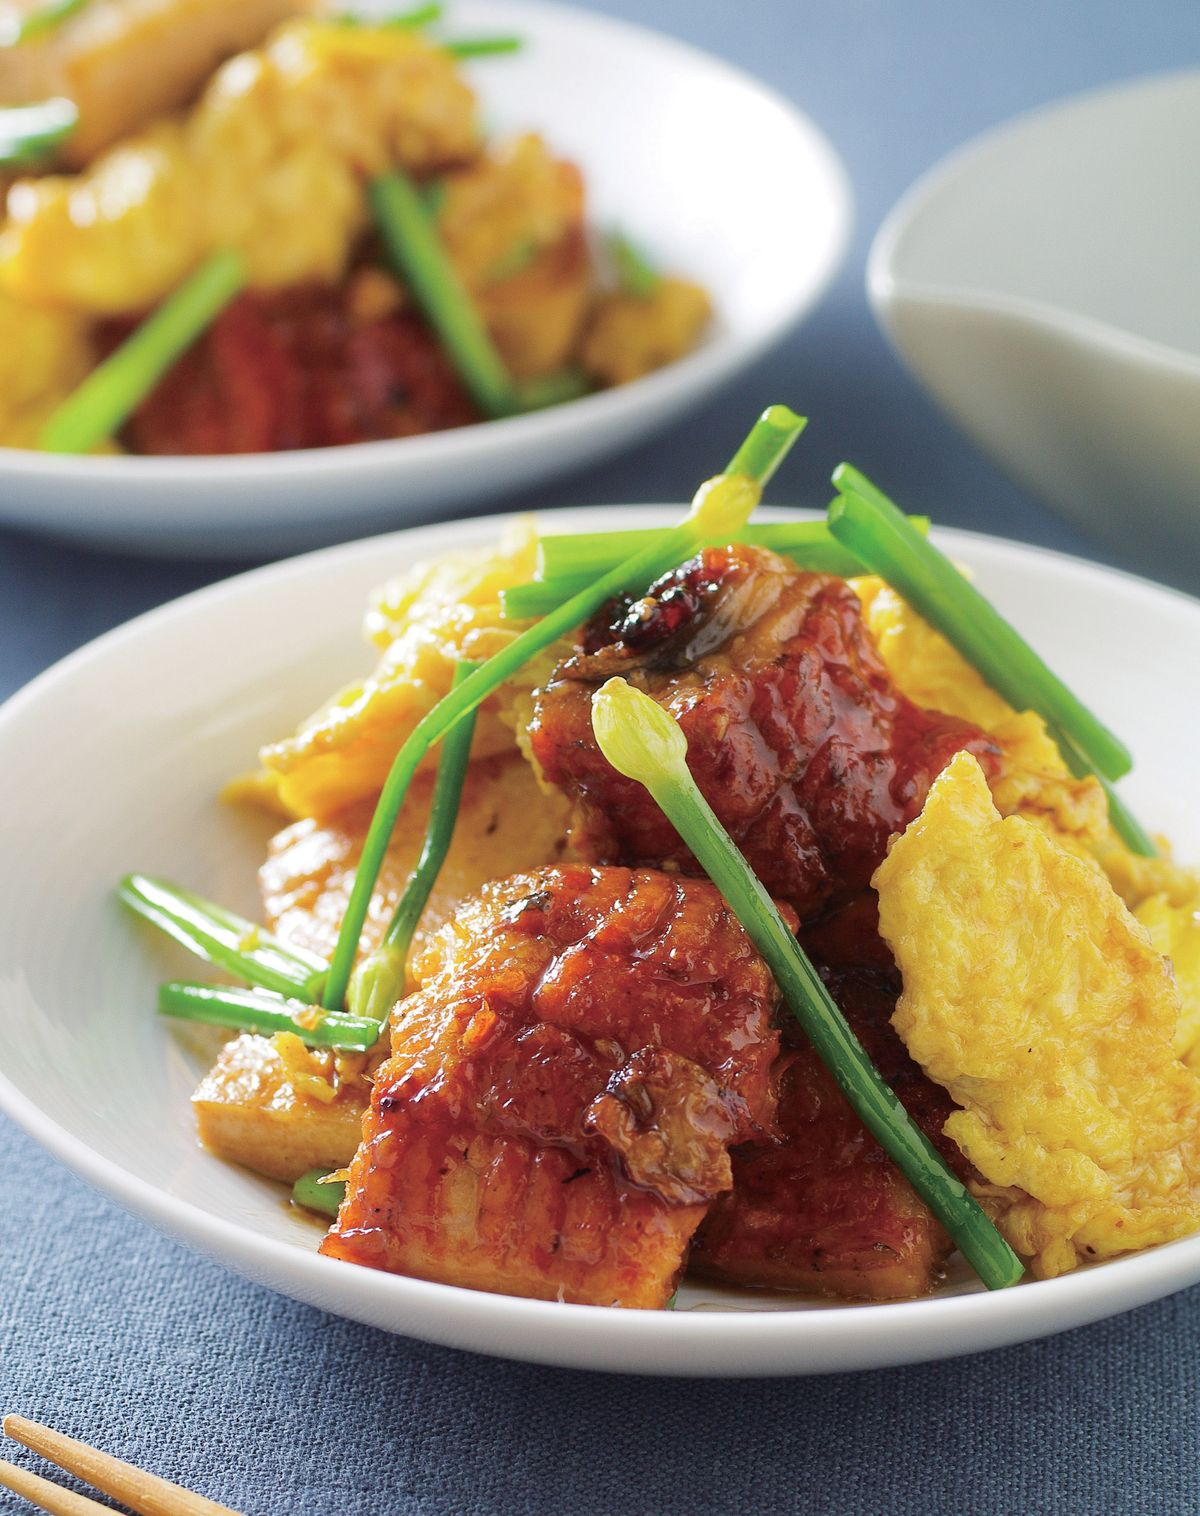 食譜:紅燒鰻魚蛋豆腐